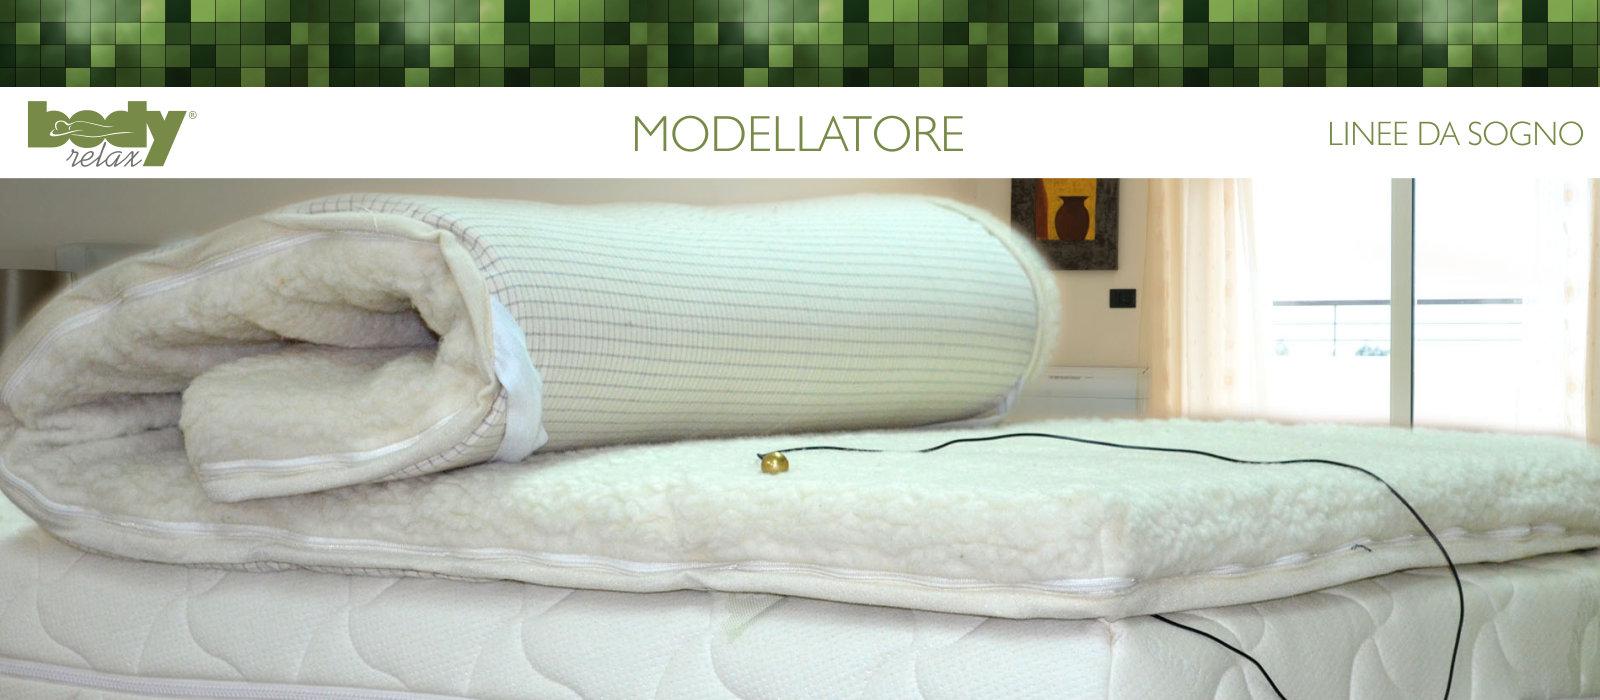 Body Relax Linee Da Sogno Modellatore Rivestito In Lana Merinos